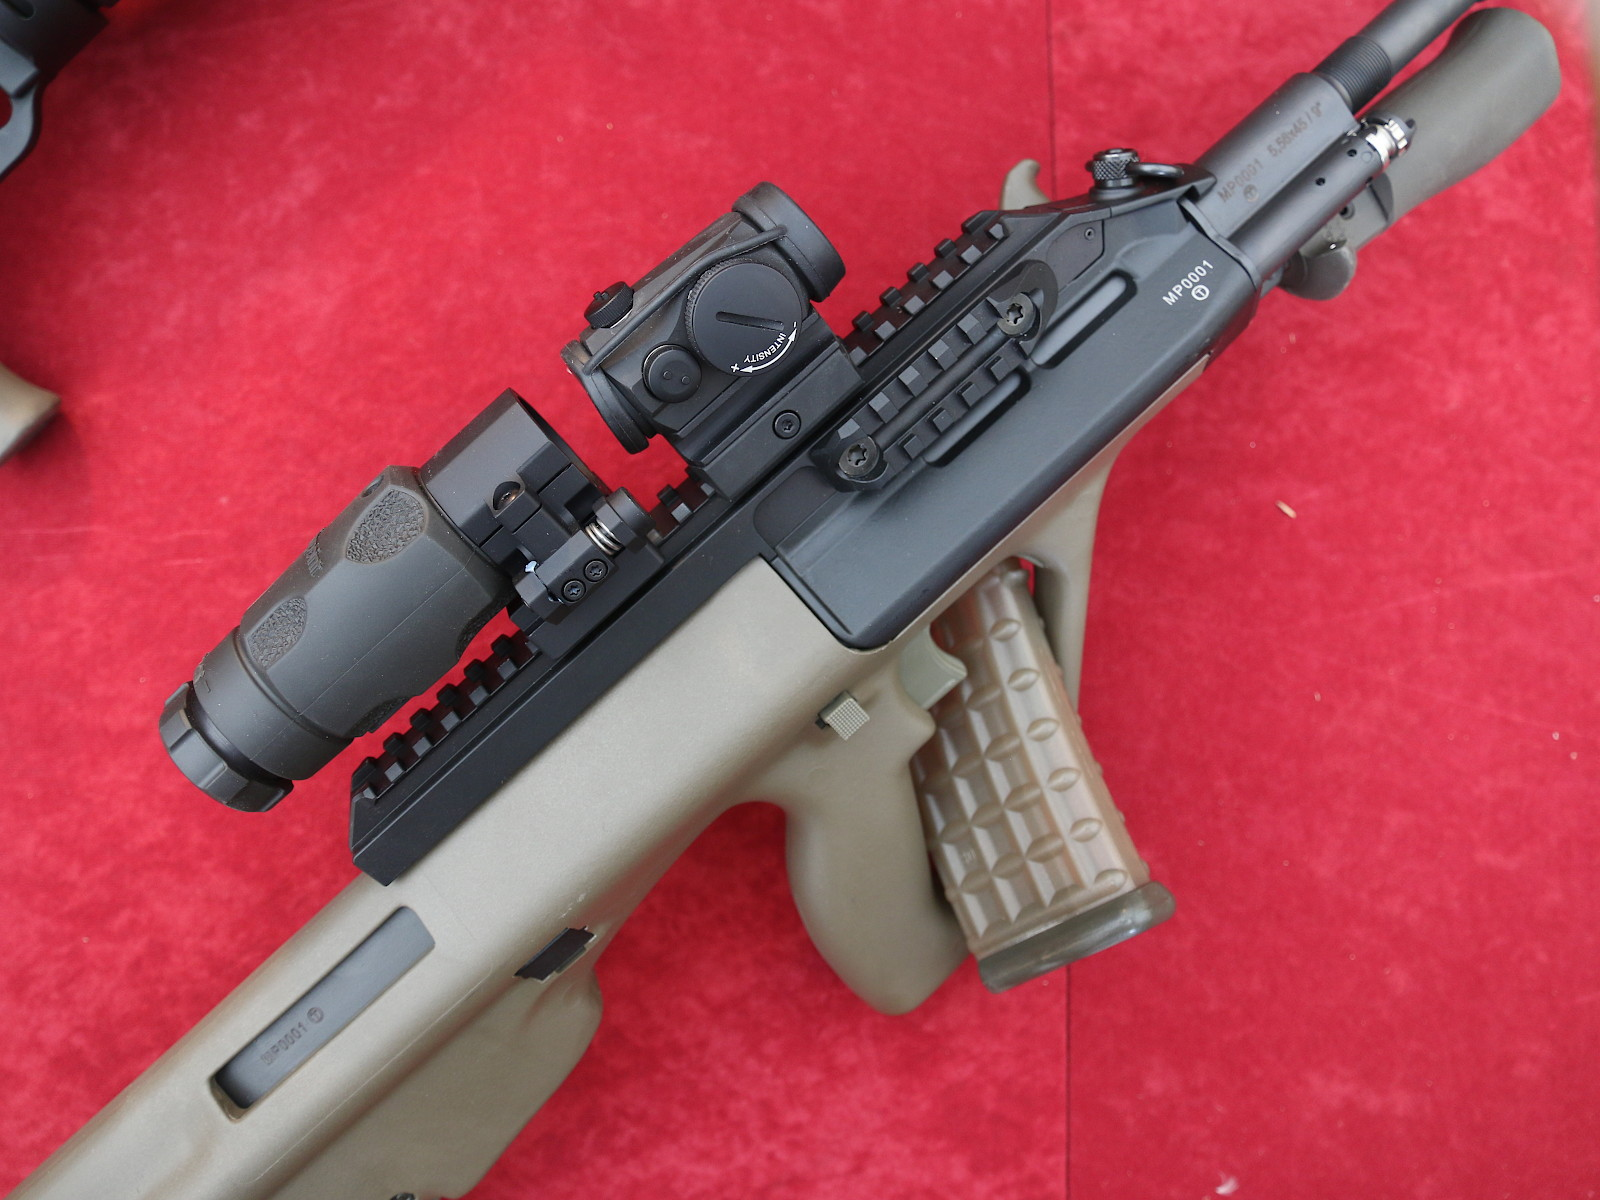 Sturmgewehr StG 77 A1 MP (Militärpolizei) mit Rotpunktvisier AIMPOINT Micro T1 und Vergrößerungsmodul AIMPOINT 3XMag-1 © Doppeladler.com